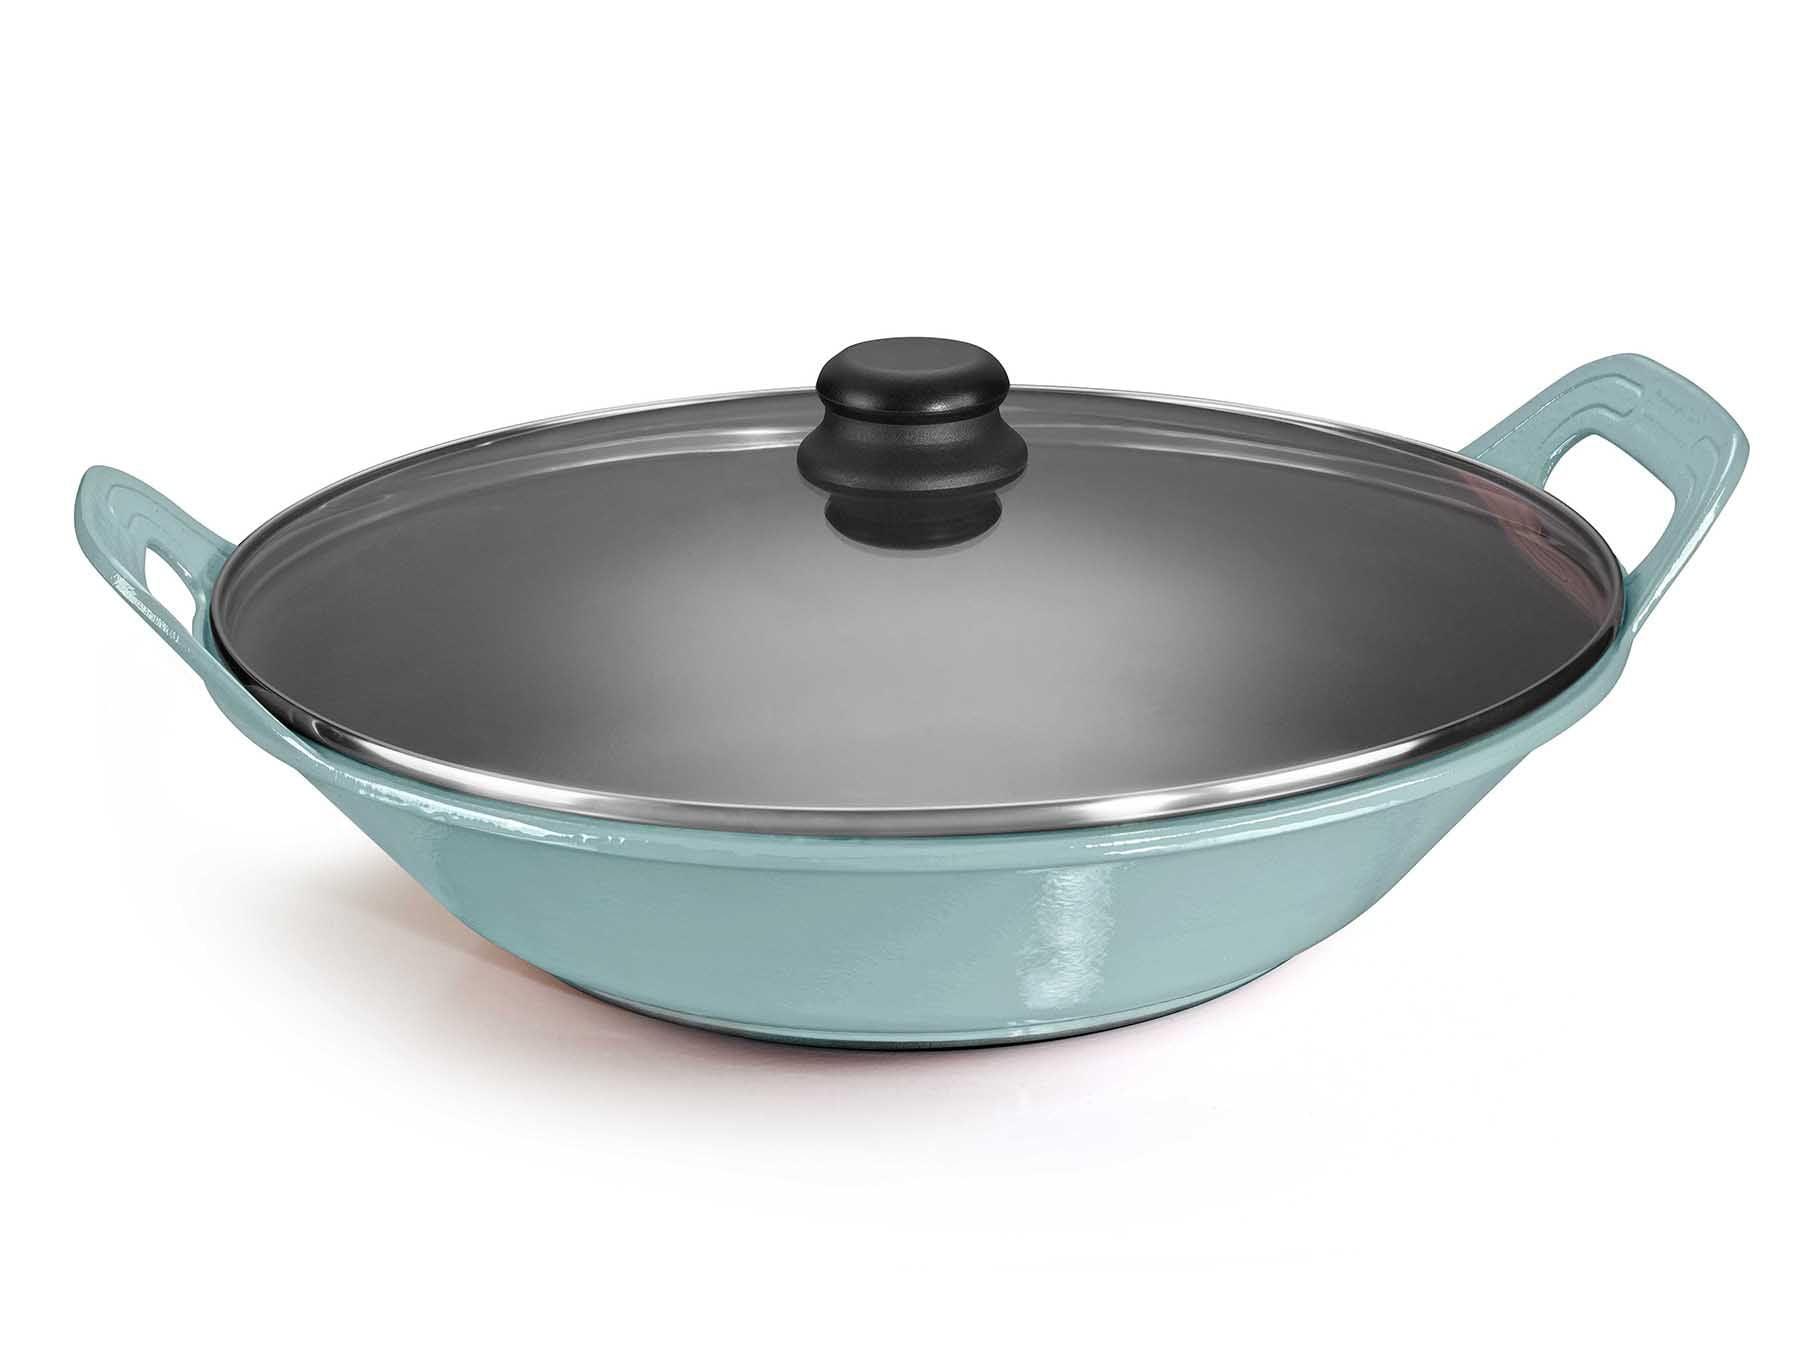 panela de ferro fundido azul para risoto com tampa de vidro, risotto, 5 litros paelleira de ferro, frigideira e assadeira